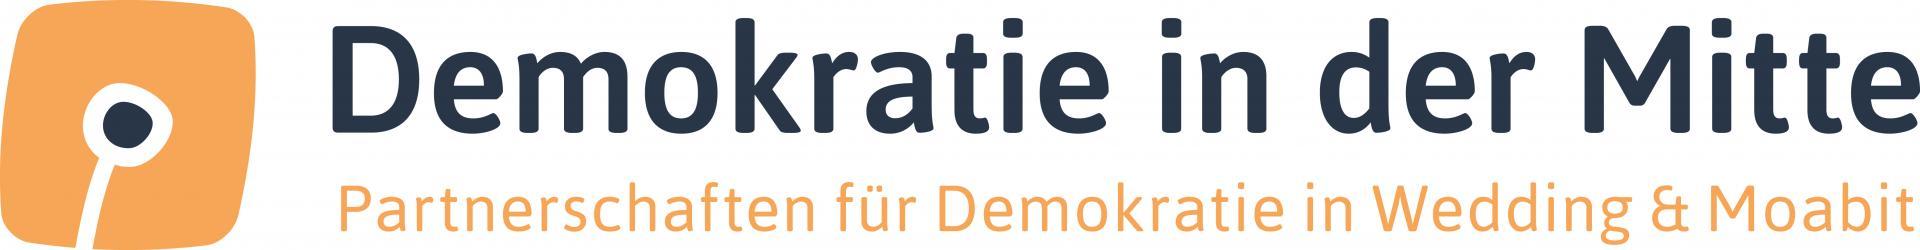 Logo Demokratie in Mitte